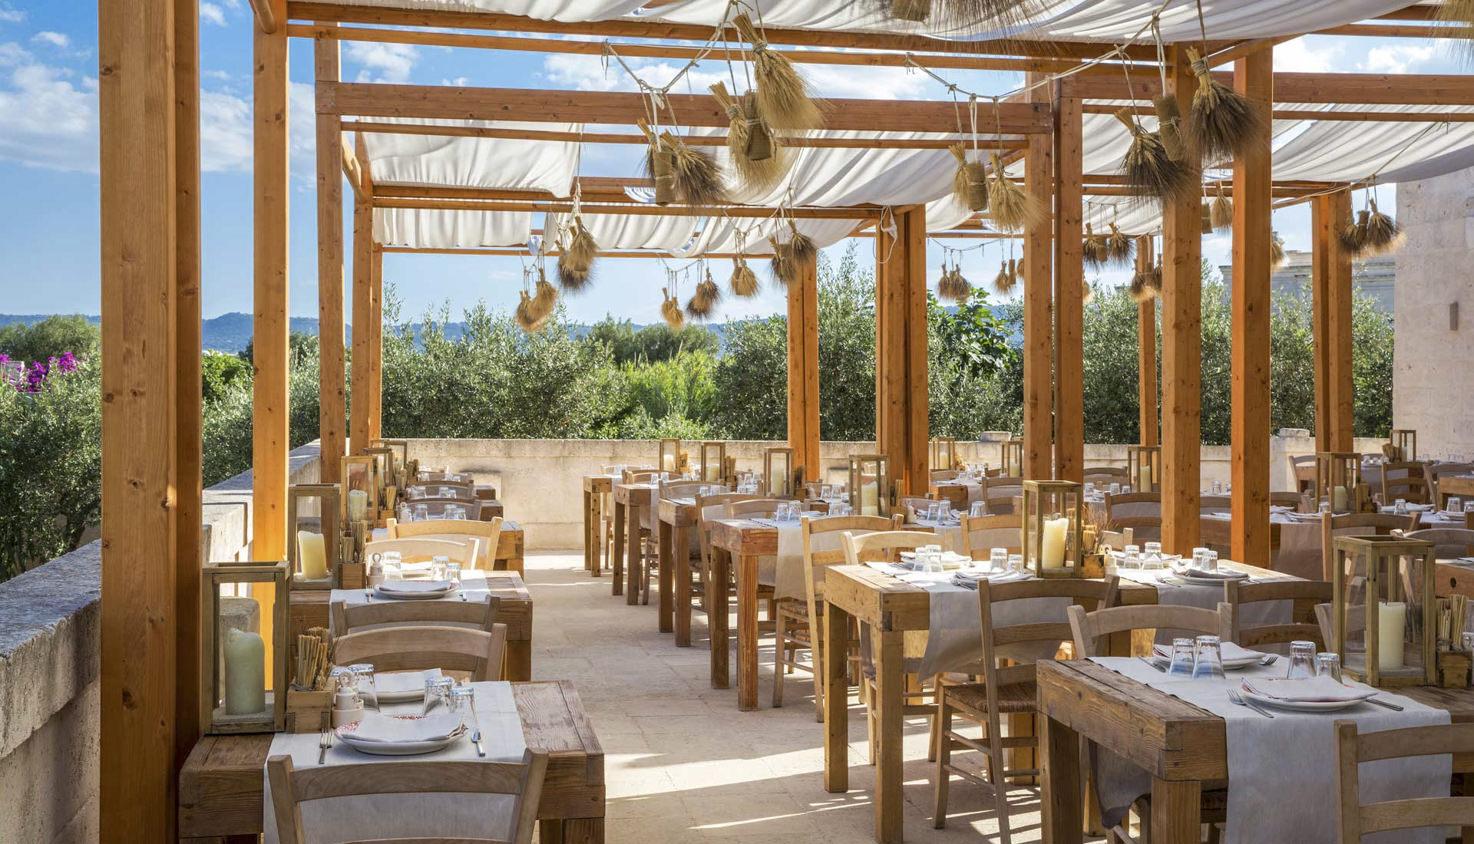 Outdoor restaurant at Borgo Egnazia